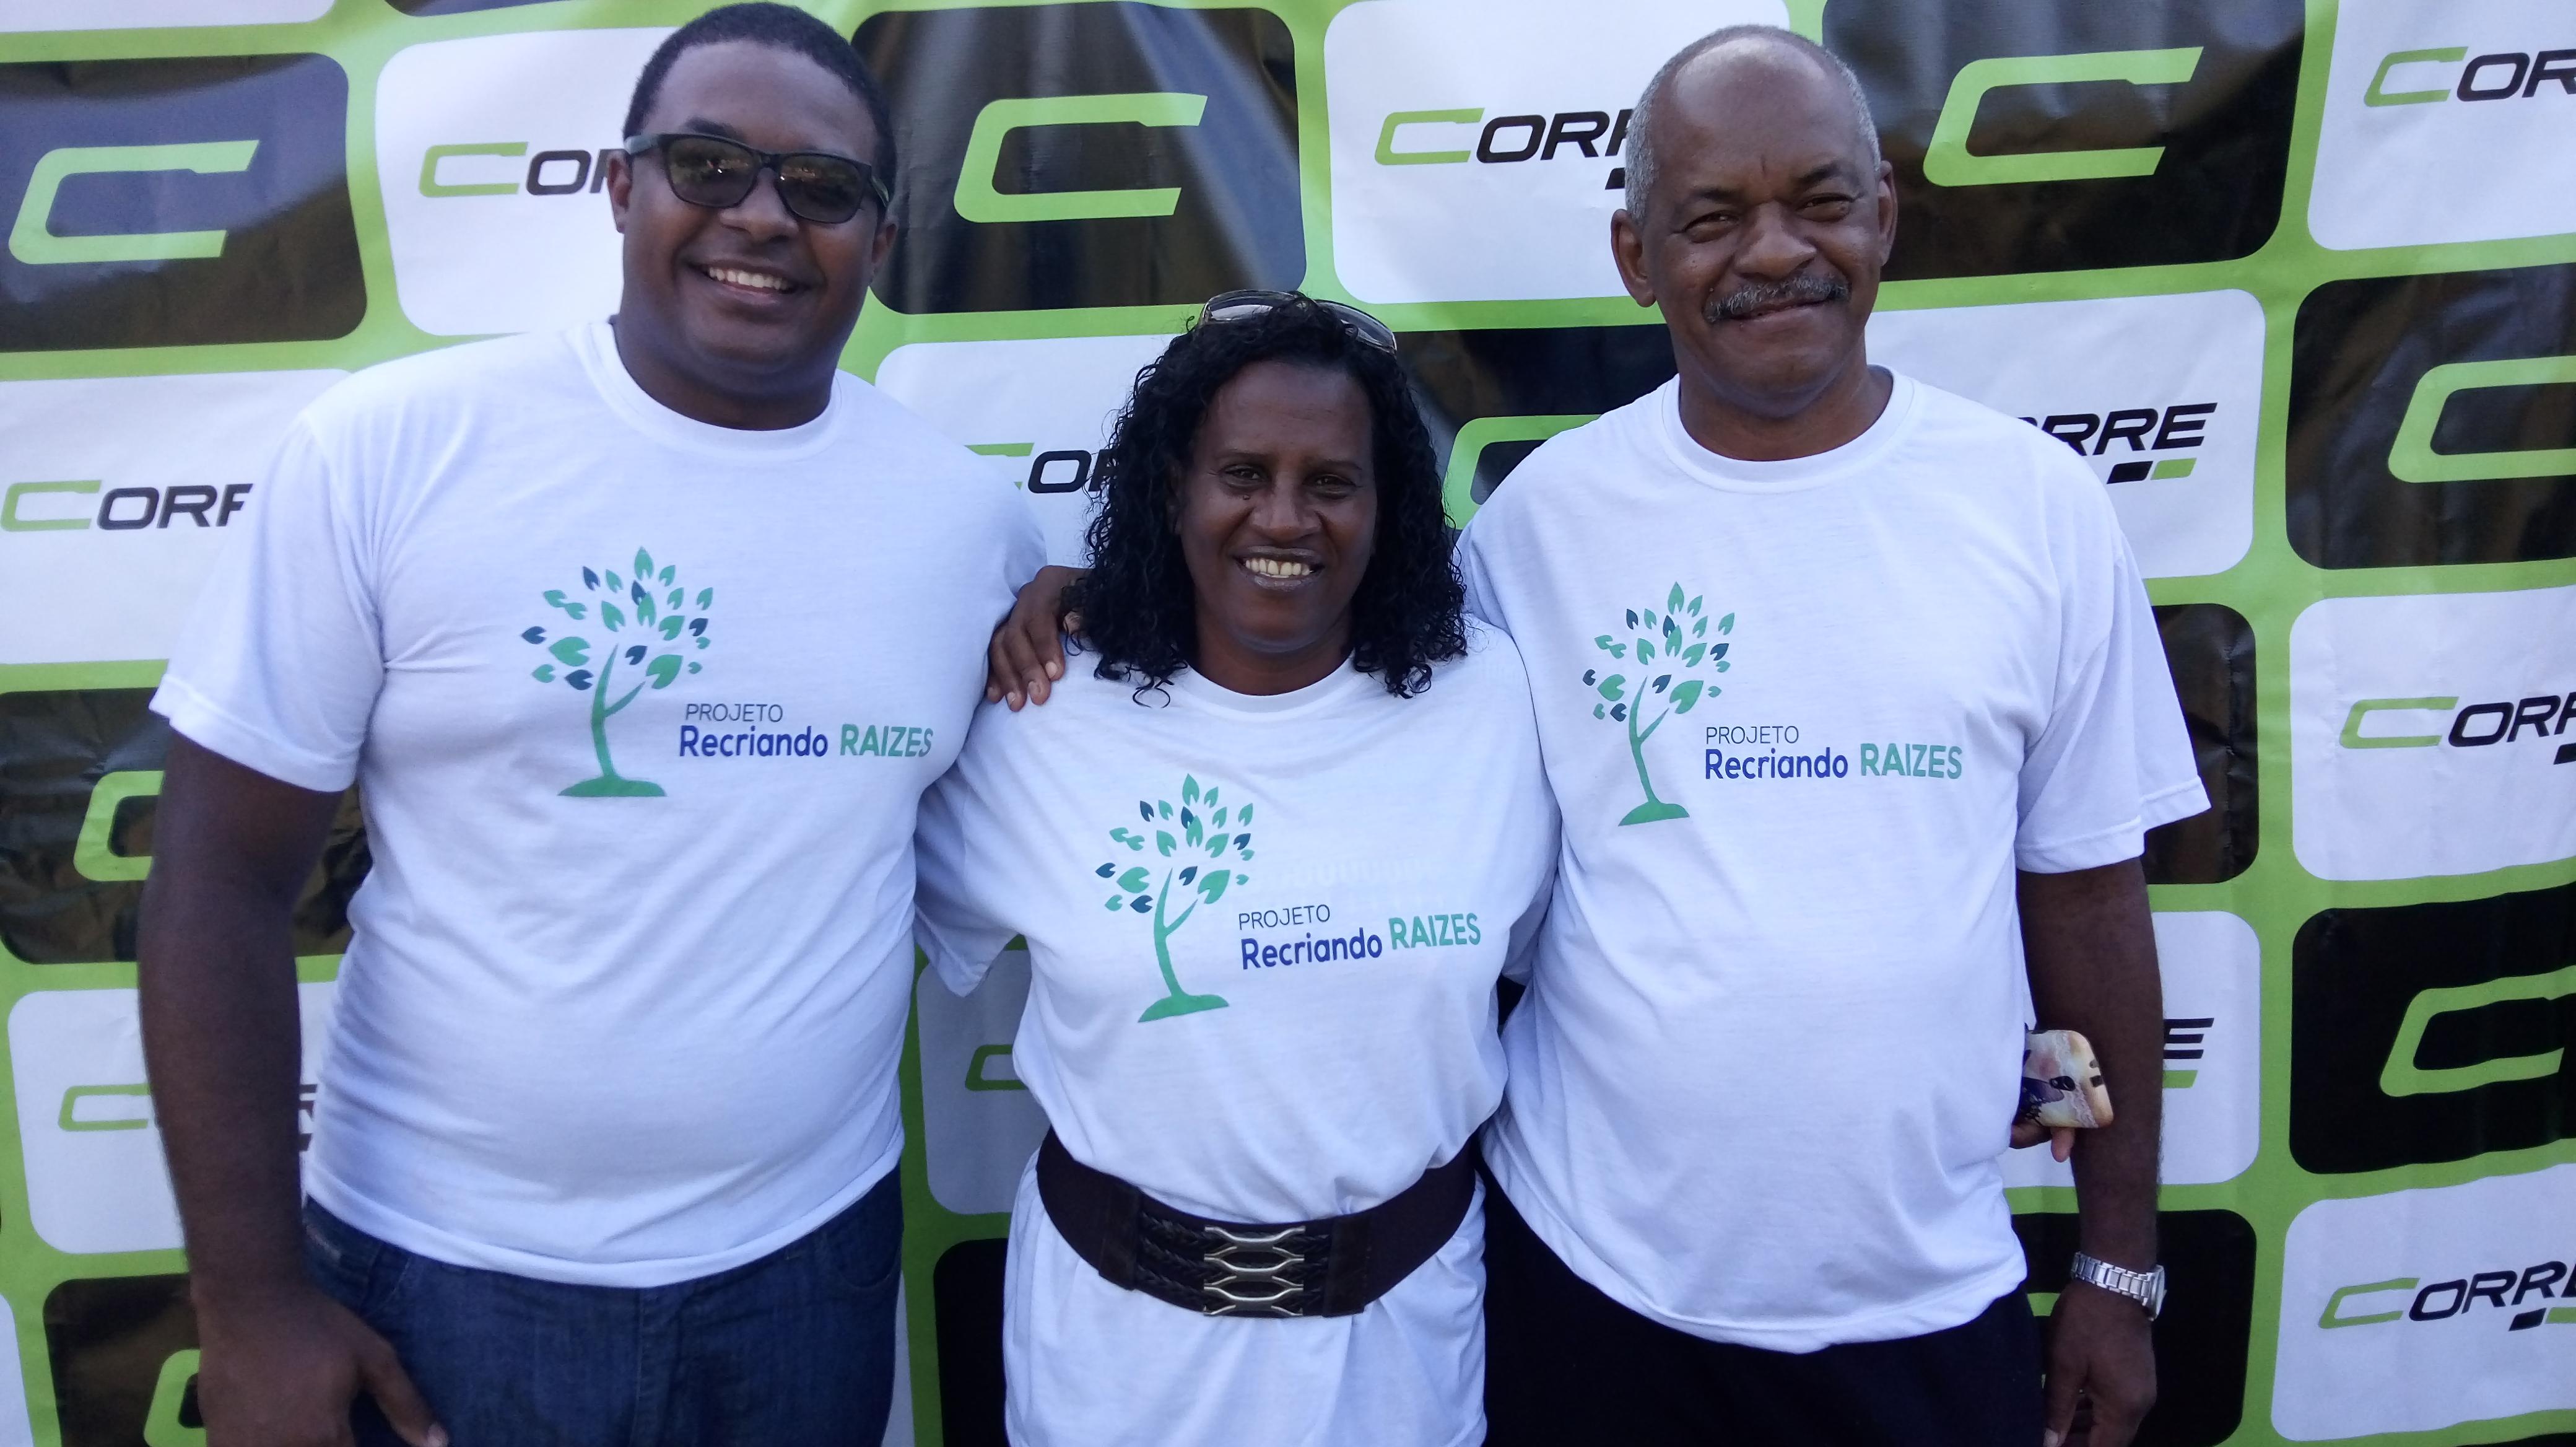 Foto da equipe da ONG Projeto Recriando Raíze